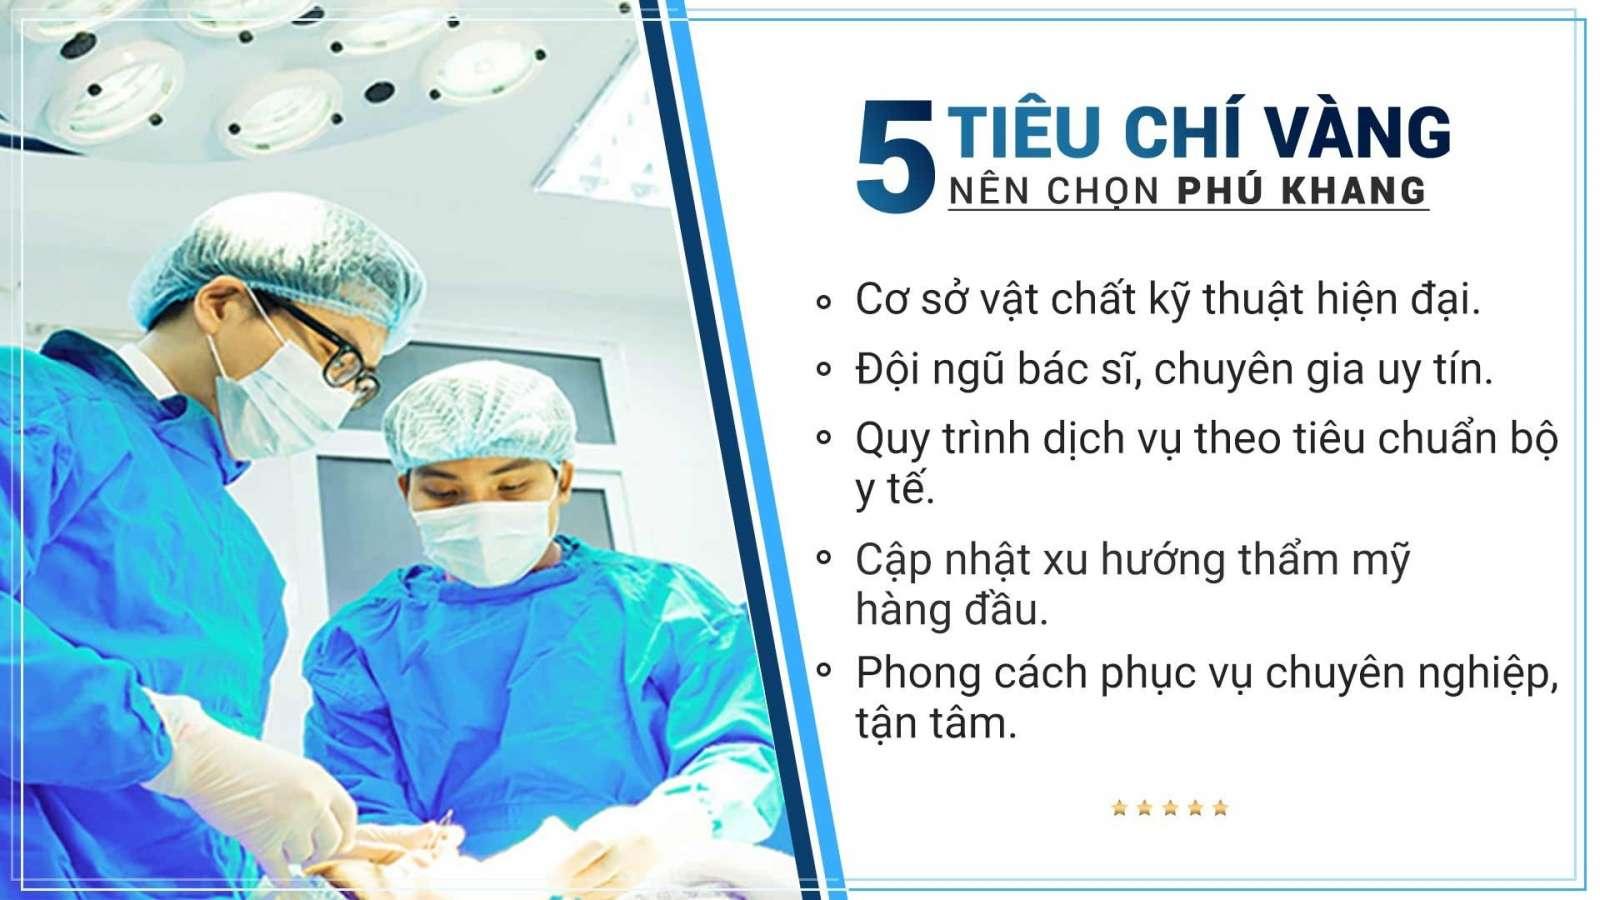 5-tieu-chi-vang-nen-chon-phu-khang